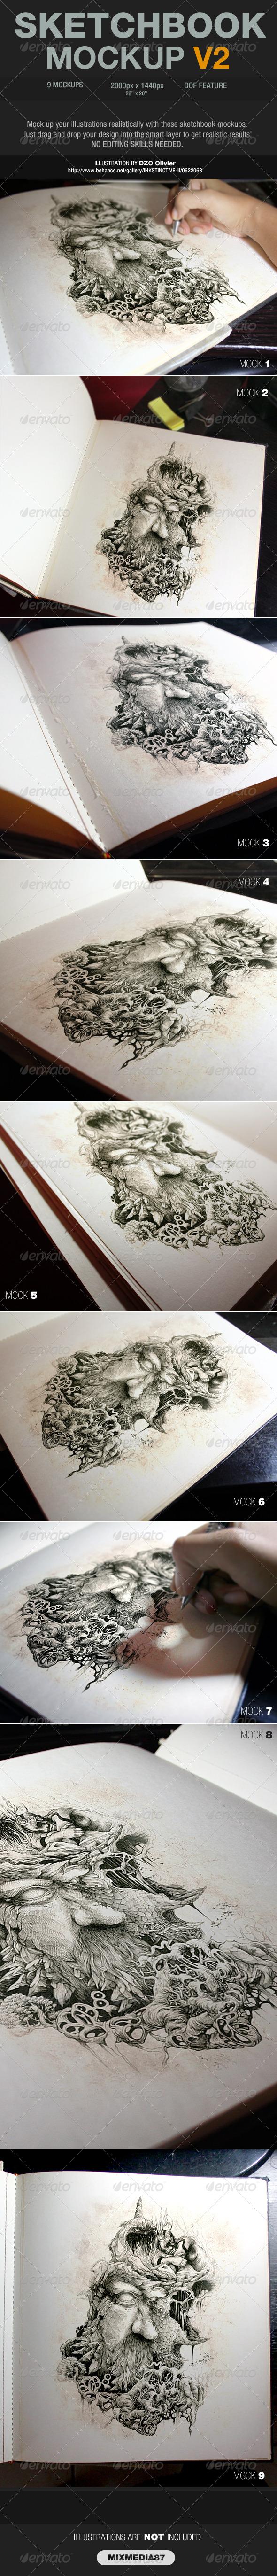 GraphicRiver Sketchbook Mockup V2 6051461